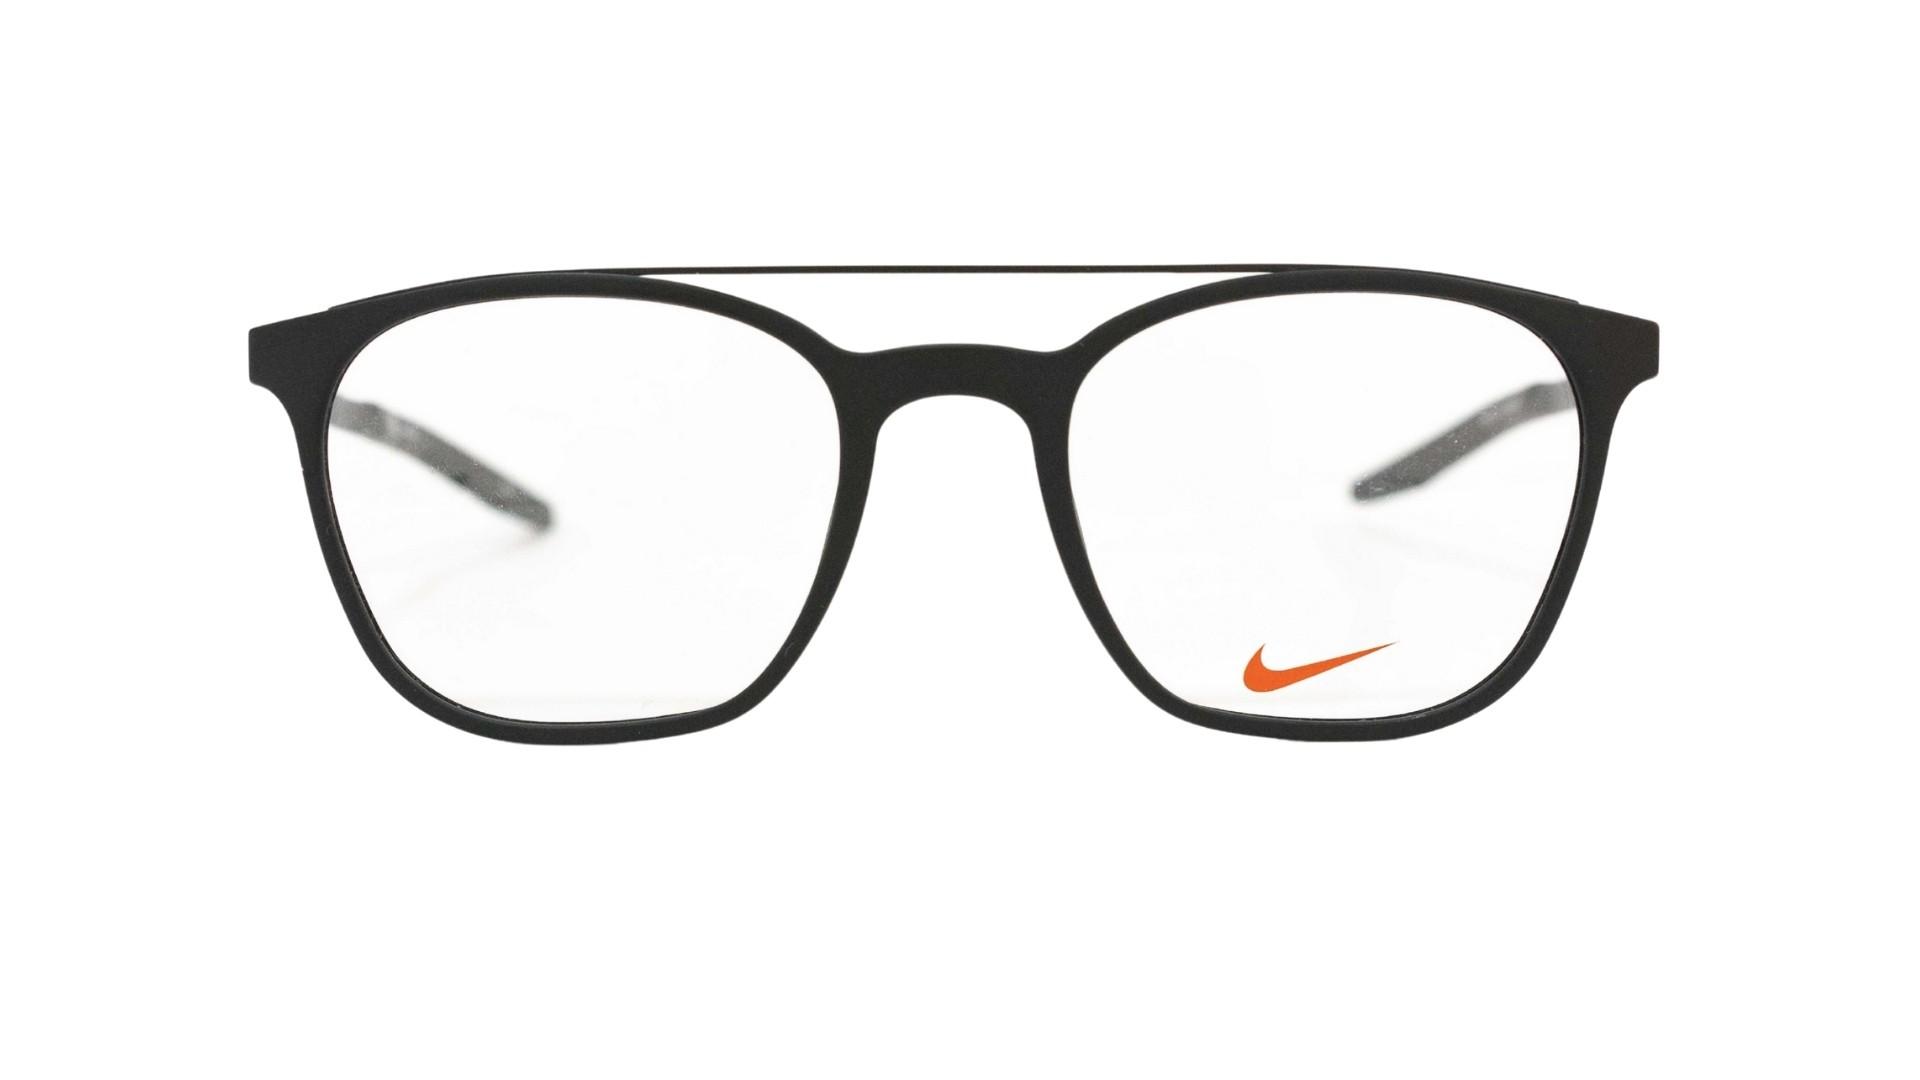 Óculos Nike Quadrado 7281  001 50 Preto